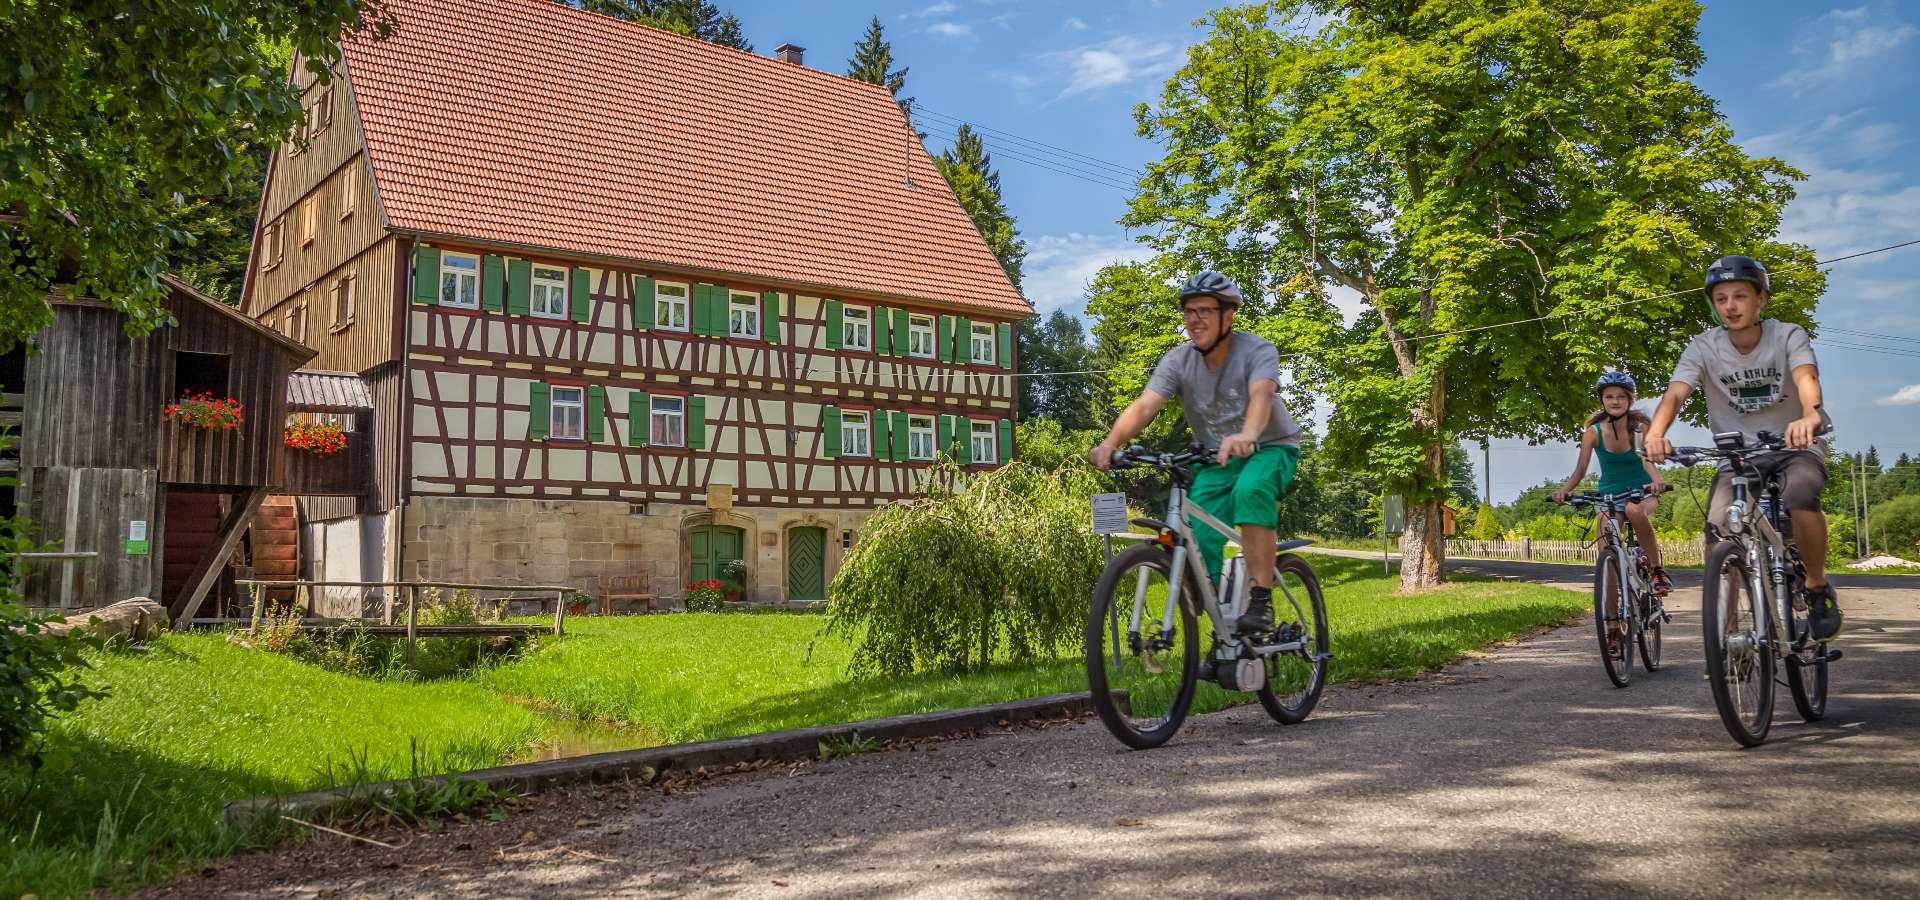 Schwäbischer Wald Aktiv